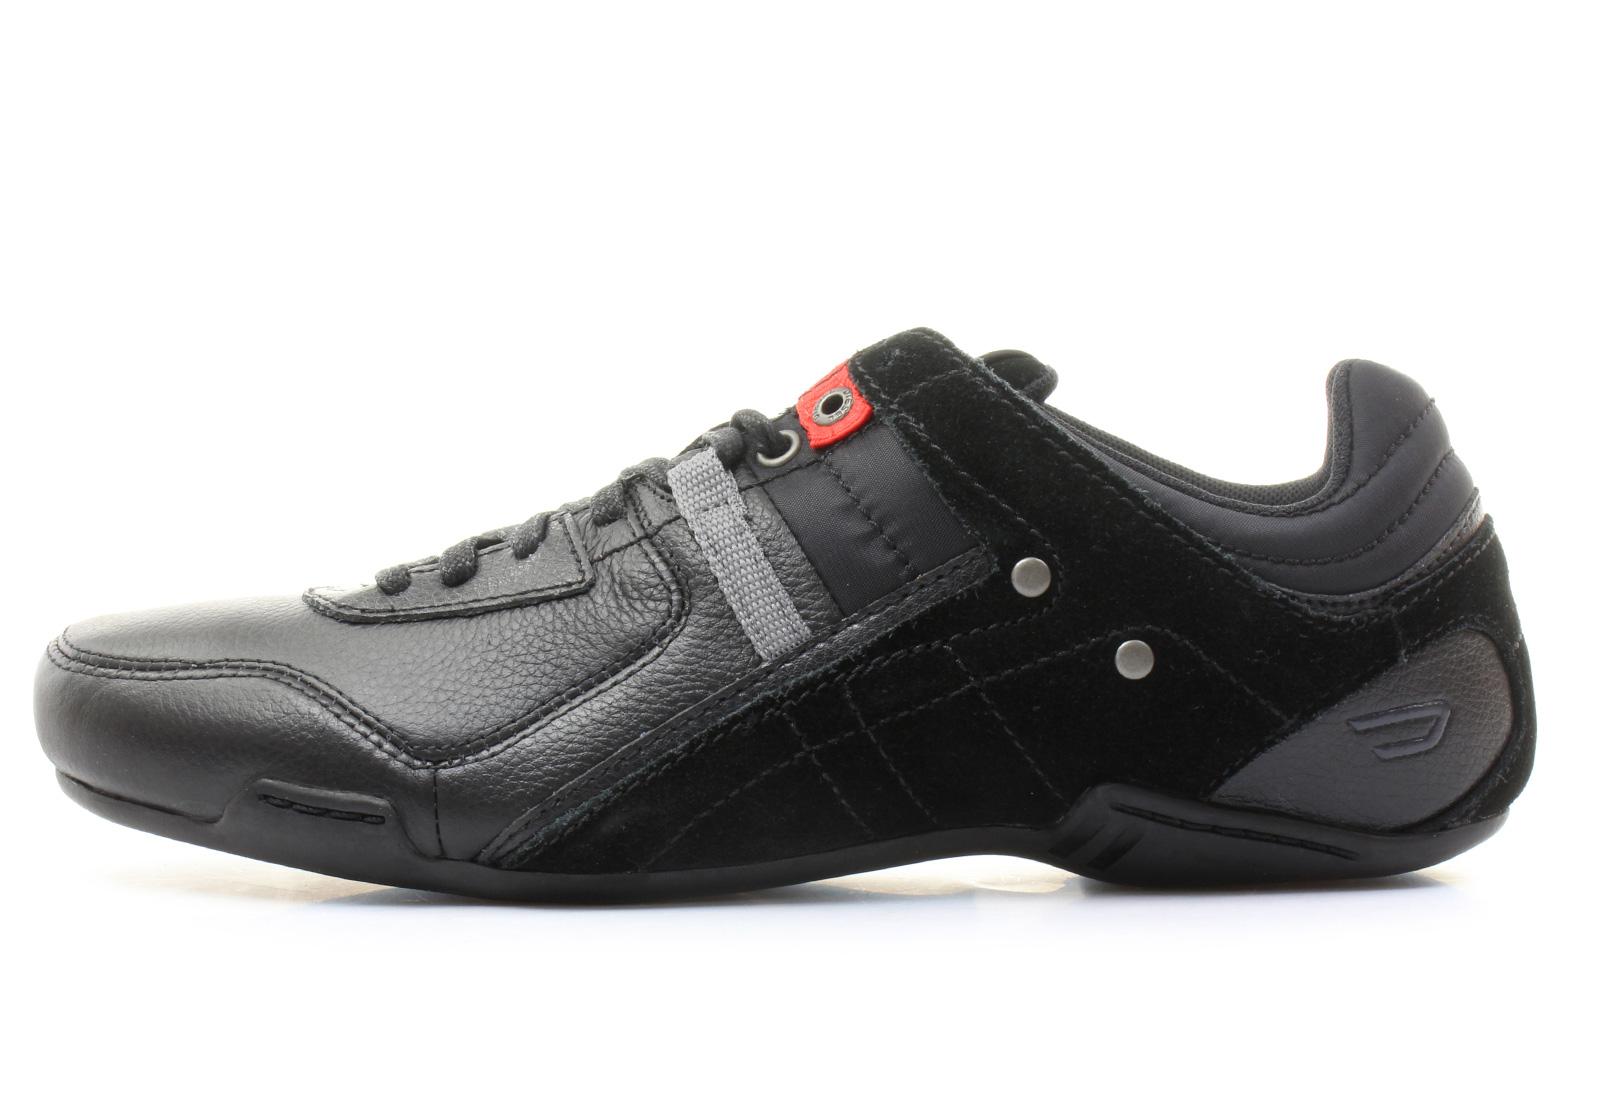 Diesel Shoes - Korbin S - 936-120-8013 - Online shop for ...